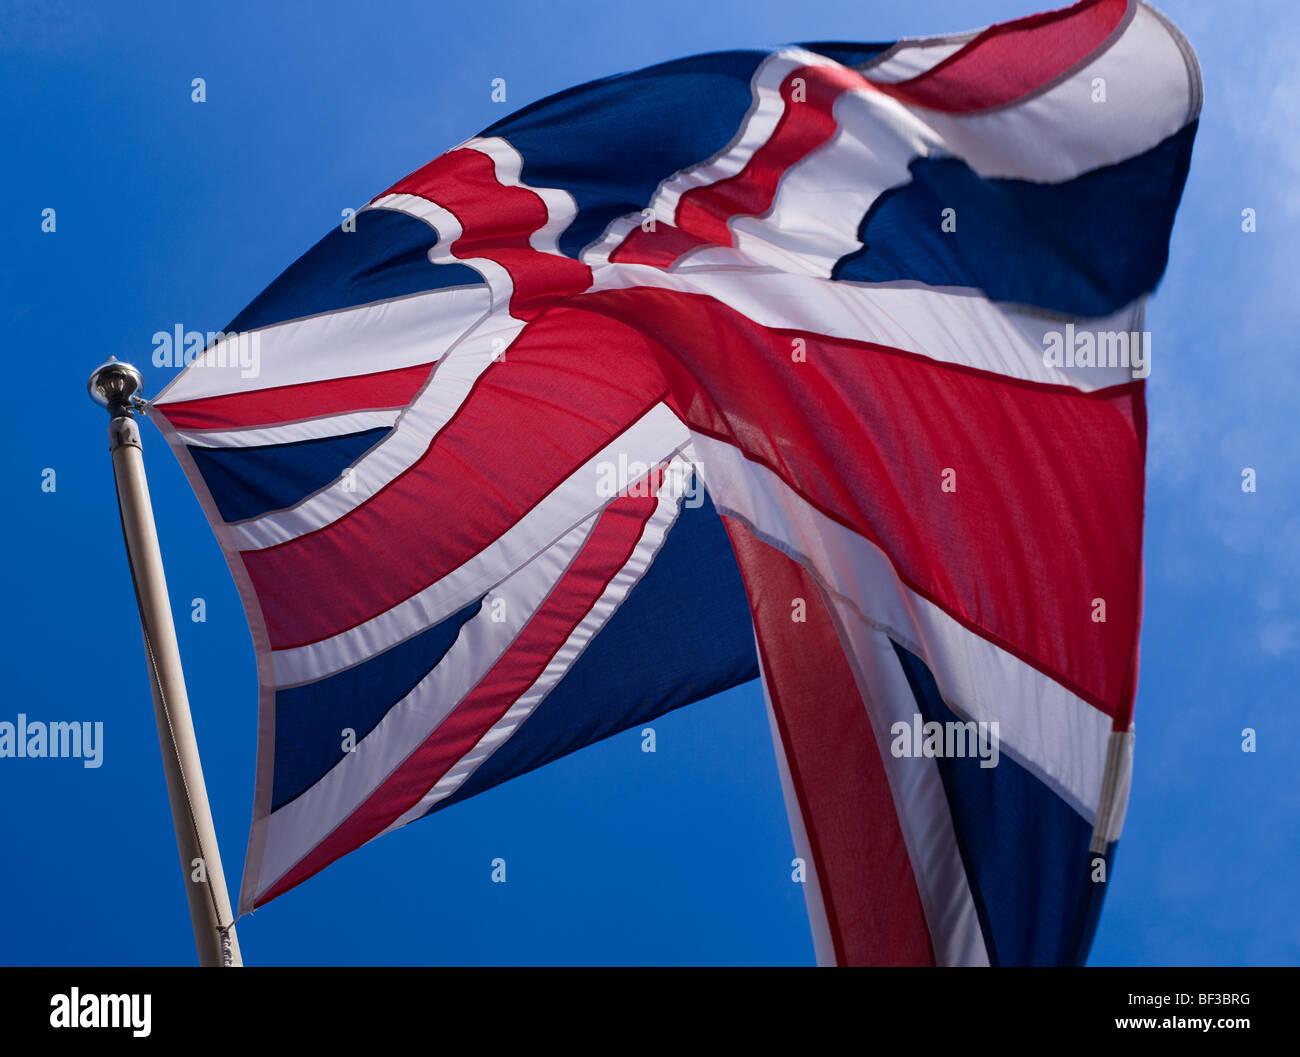 Union Jack flag - Stock Image